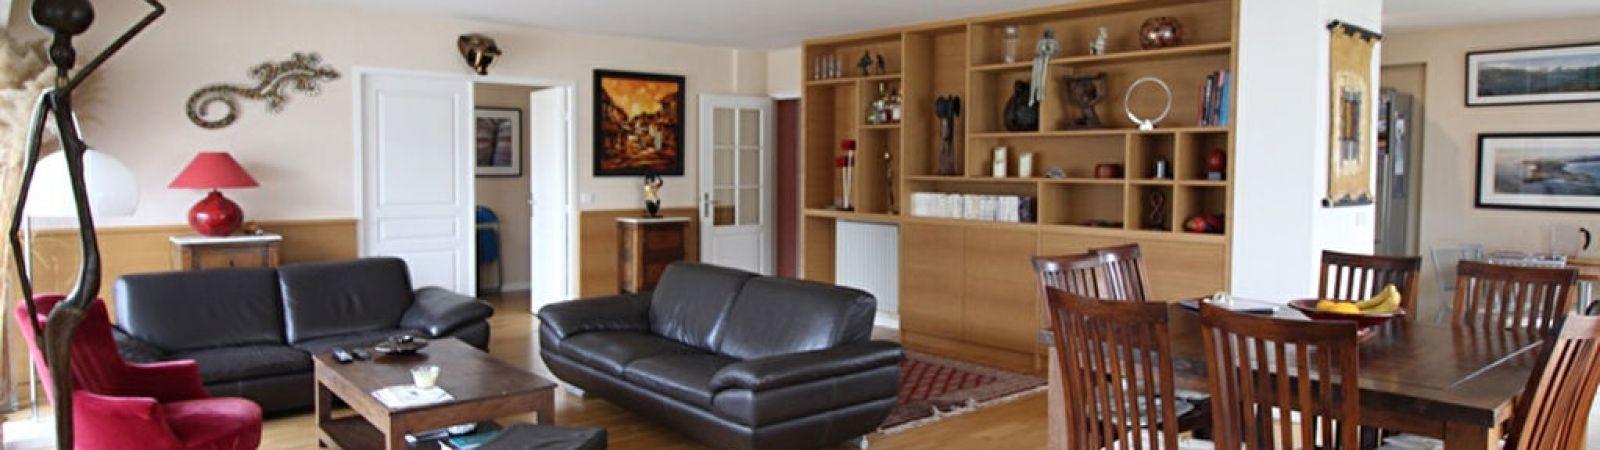 photo 4: Appartement 7 pièces CENTRE HISTORIQUE de RENNES